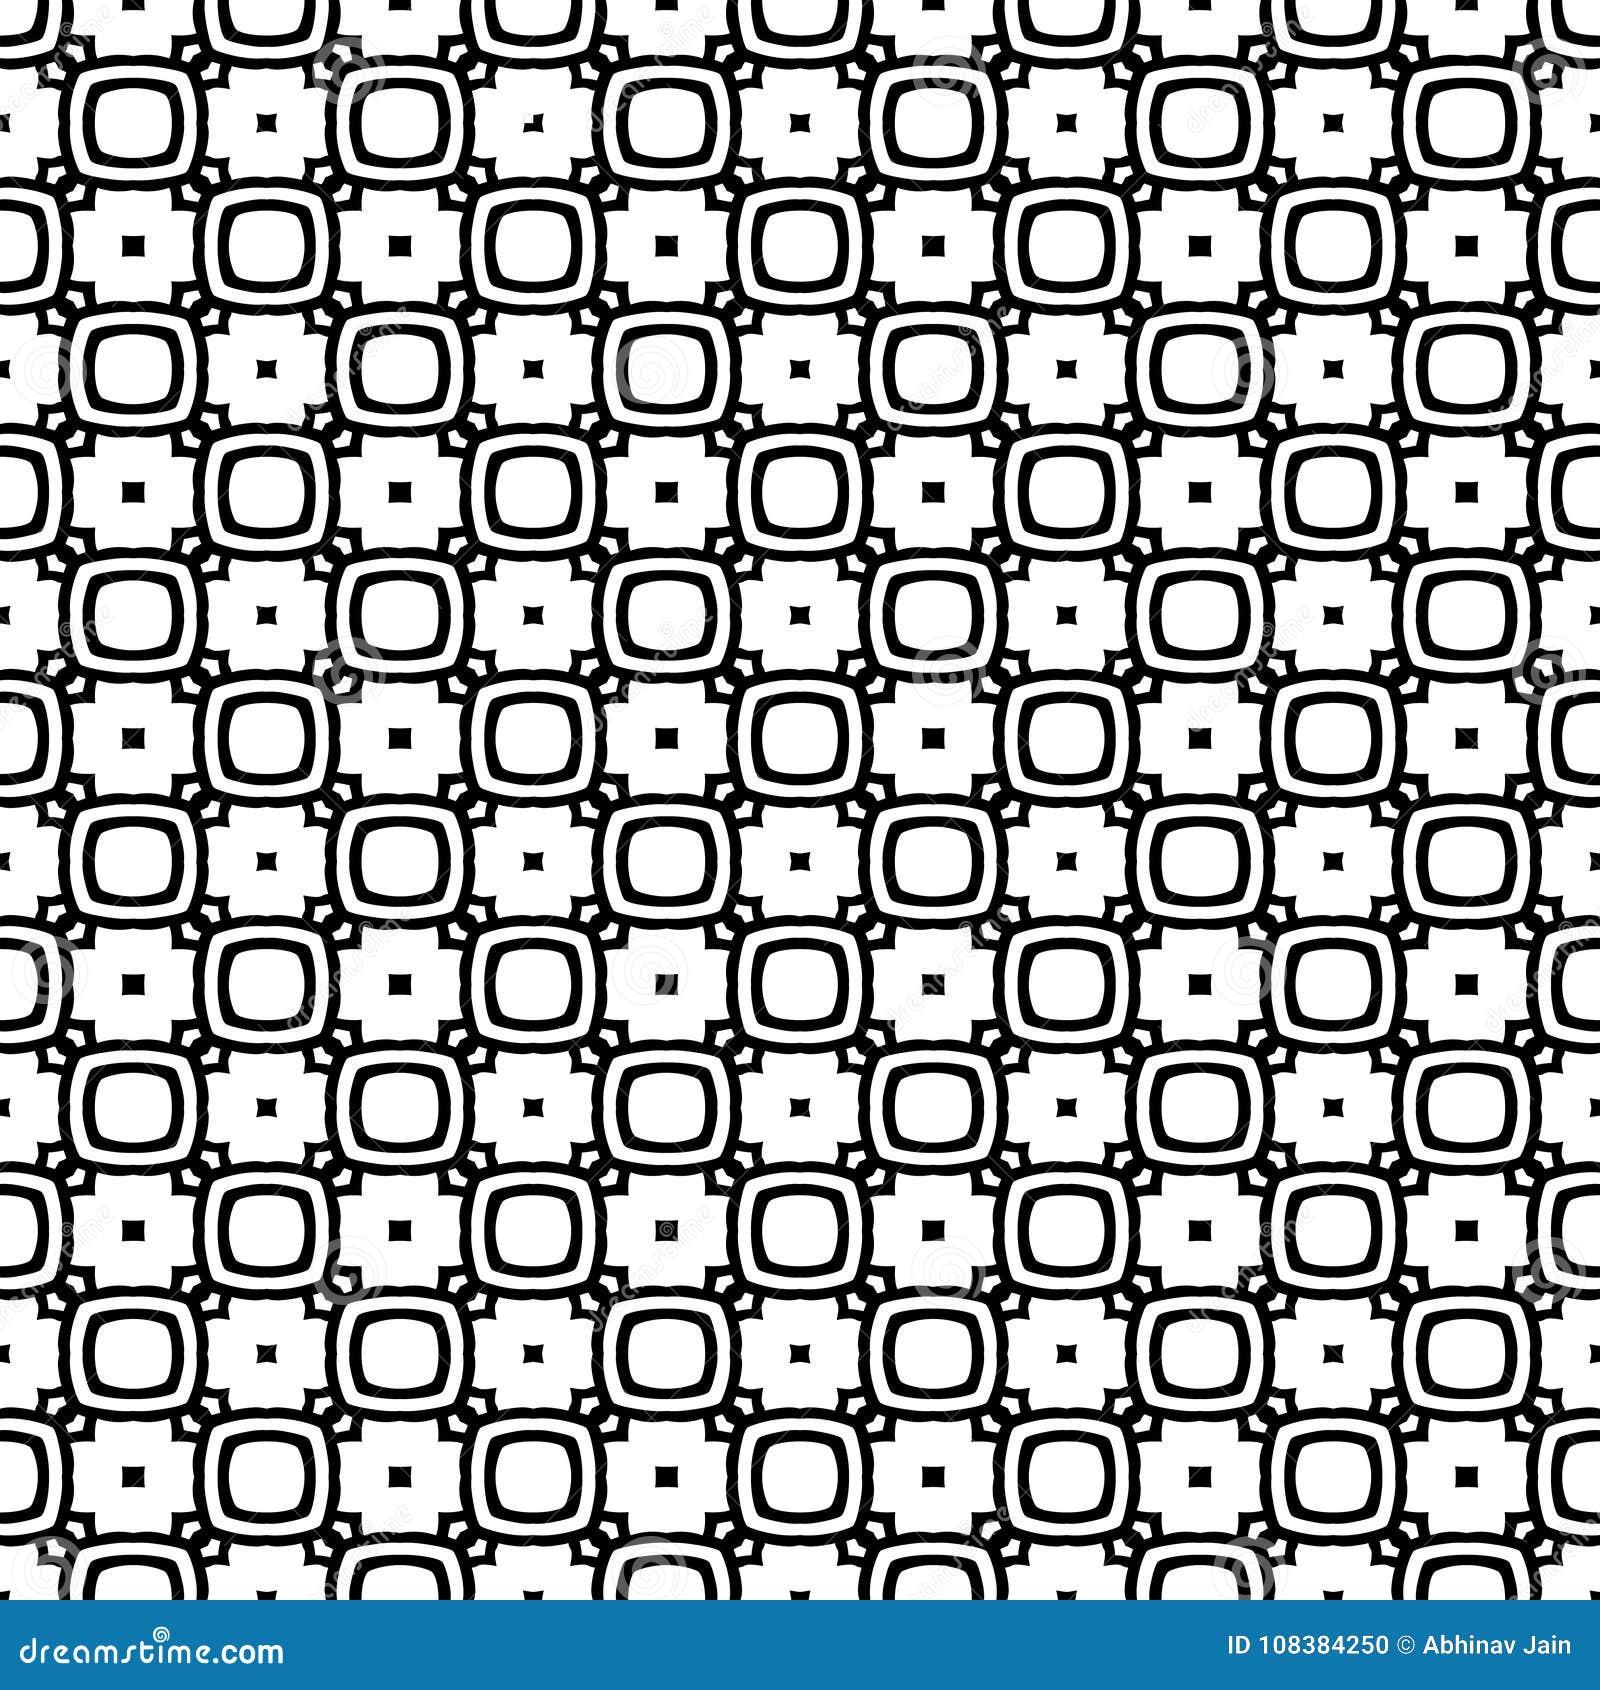 Όμορφη Χριστουγέννων απεικόνιση σχεδίων υποβάθρου γεωμετρικού σχεδίου άνευ ραφής στο φωτεινό ρόδινο χρώμα